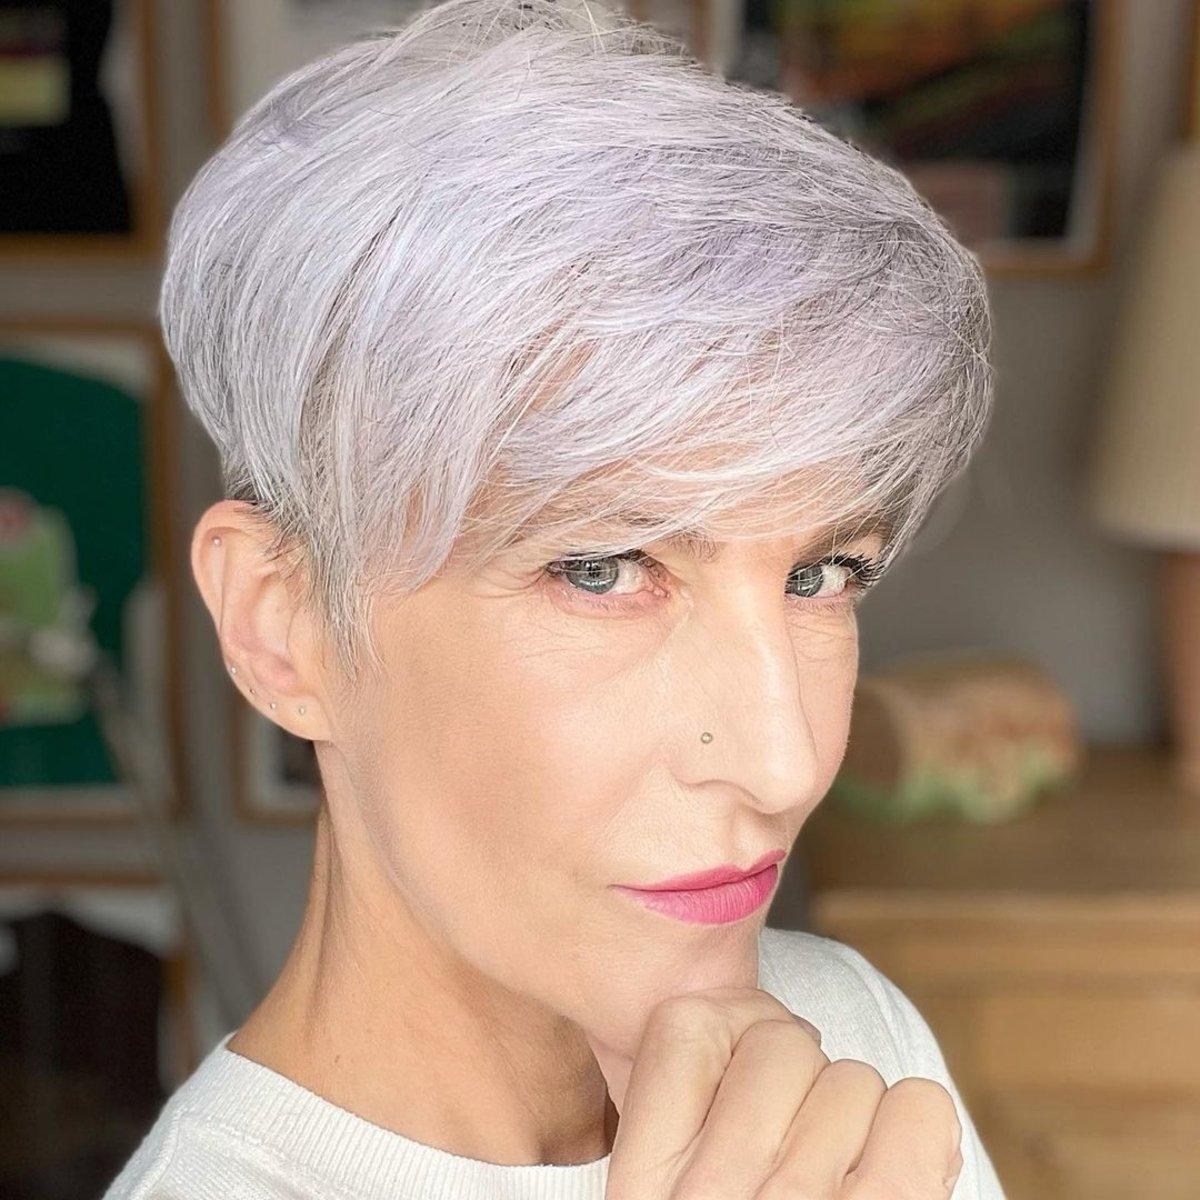 Duendecillo plateado con flequillo para mujeres mayores de 50 años con cabello fino